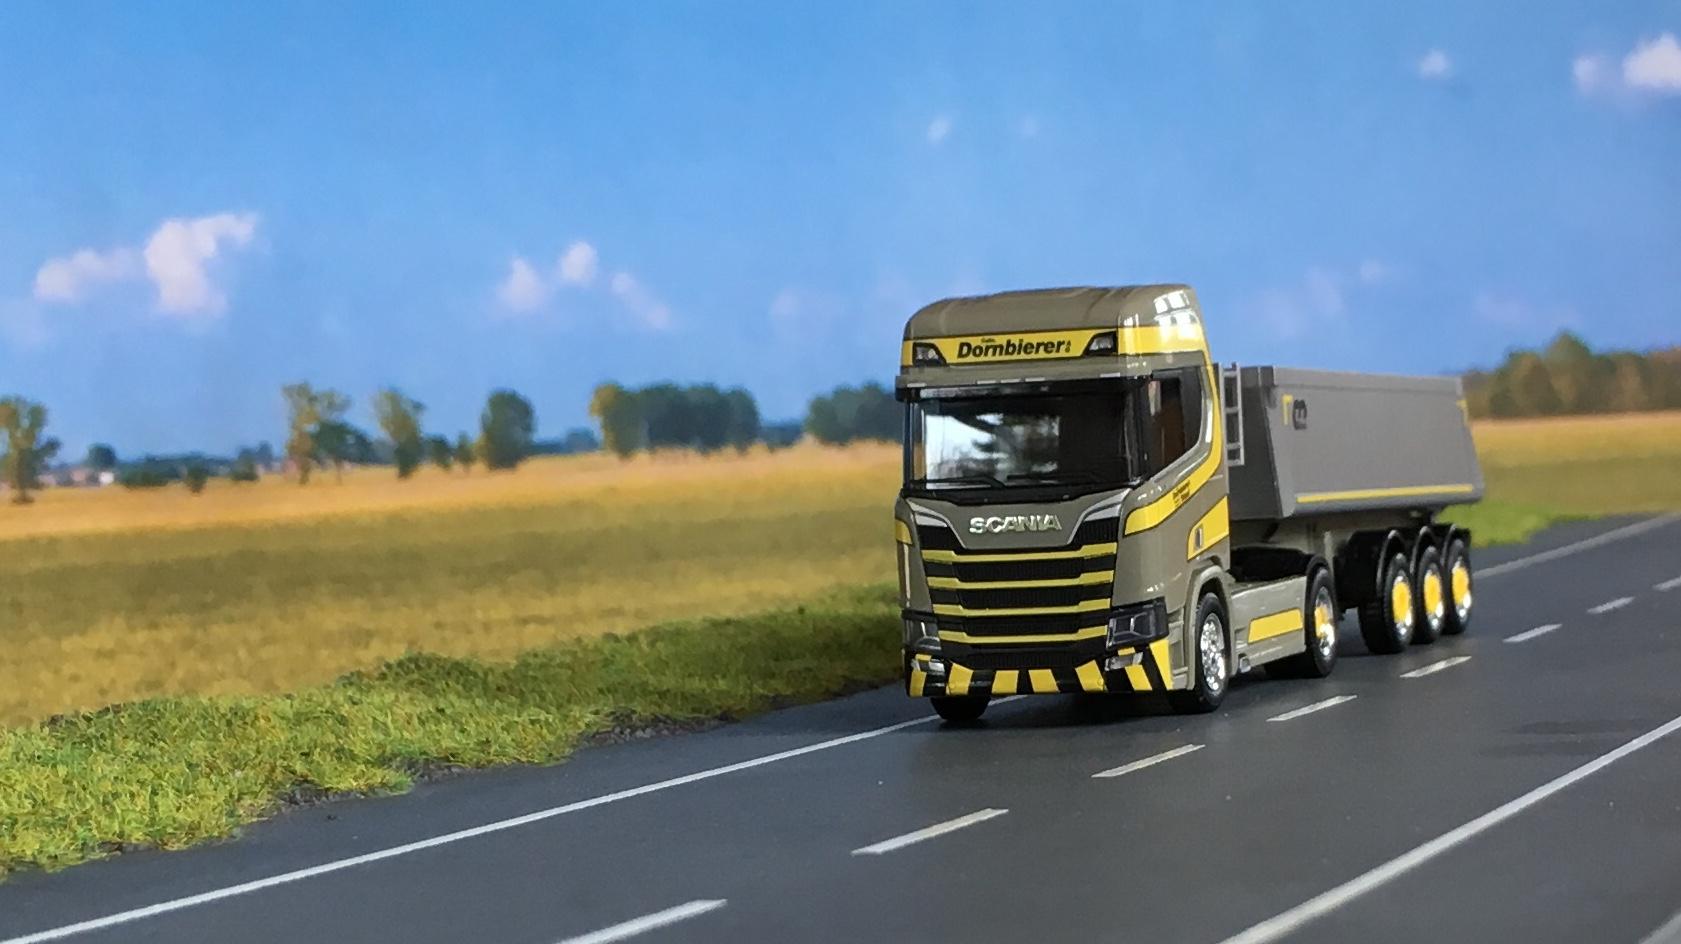 Scania Dornbierer 002.jpg